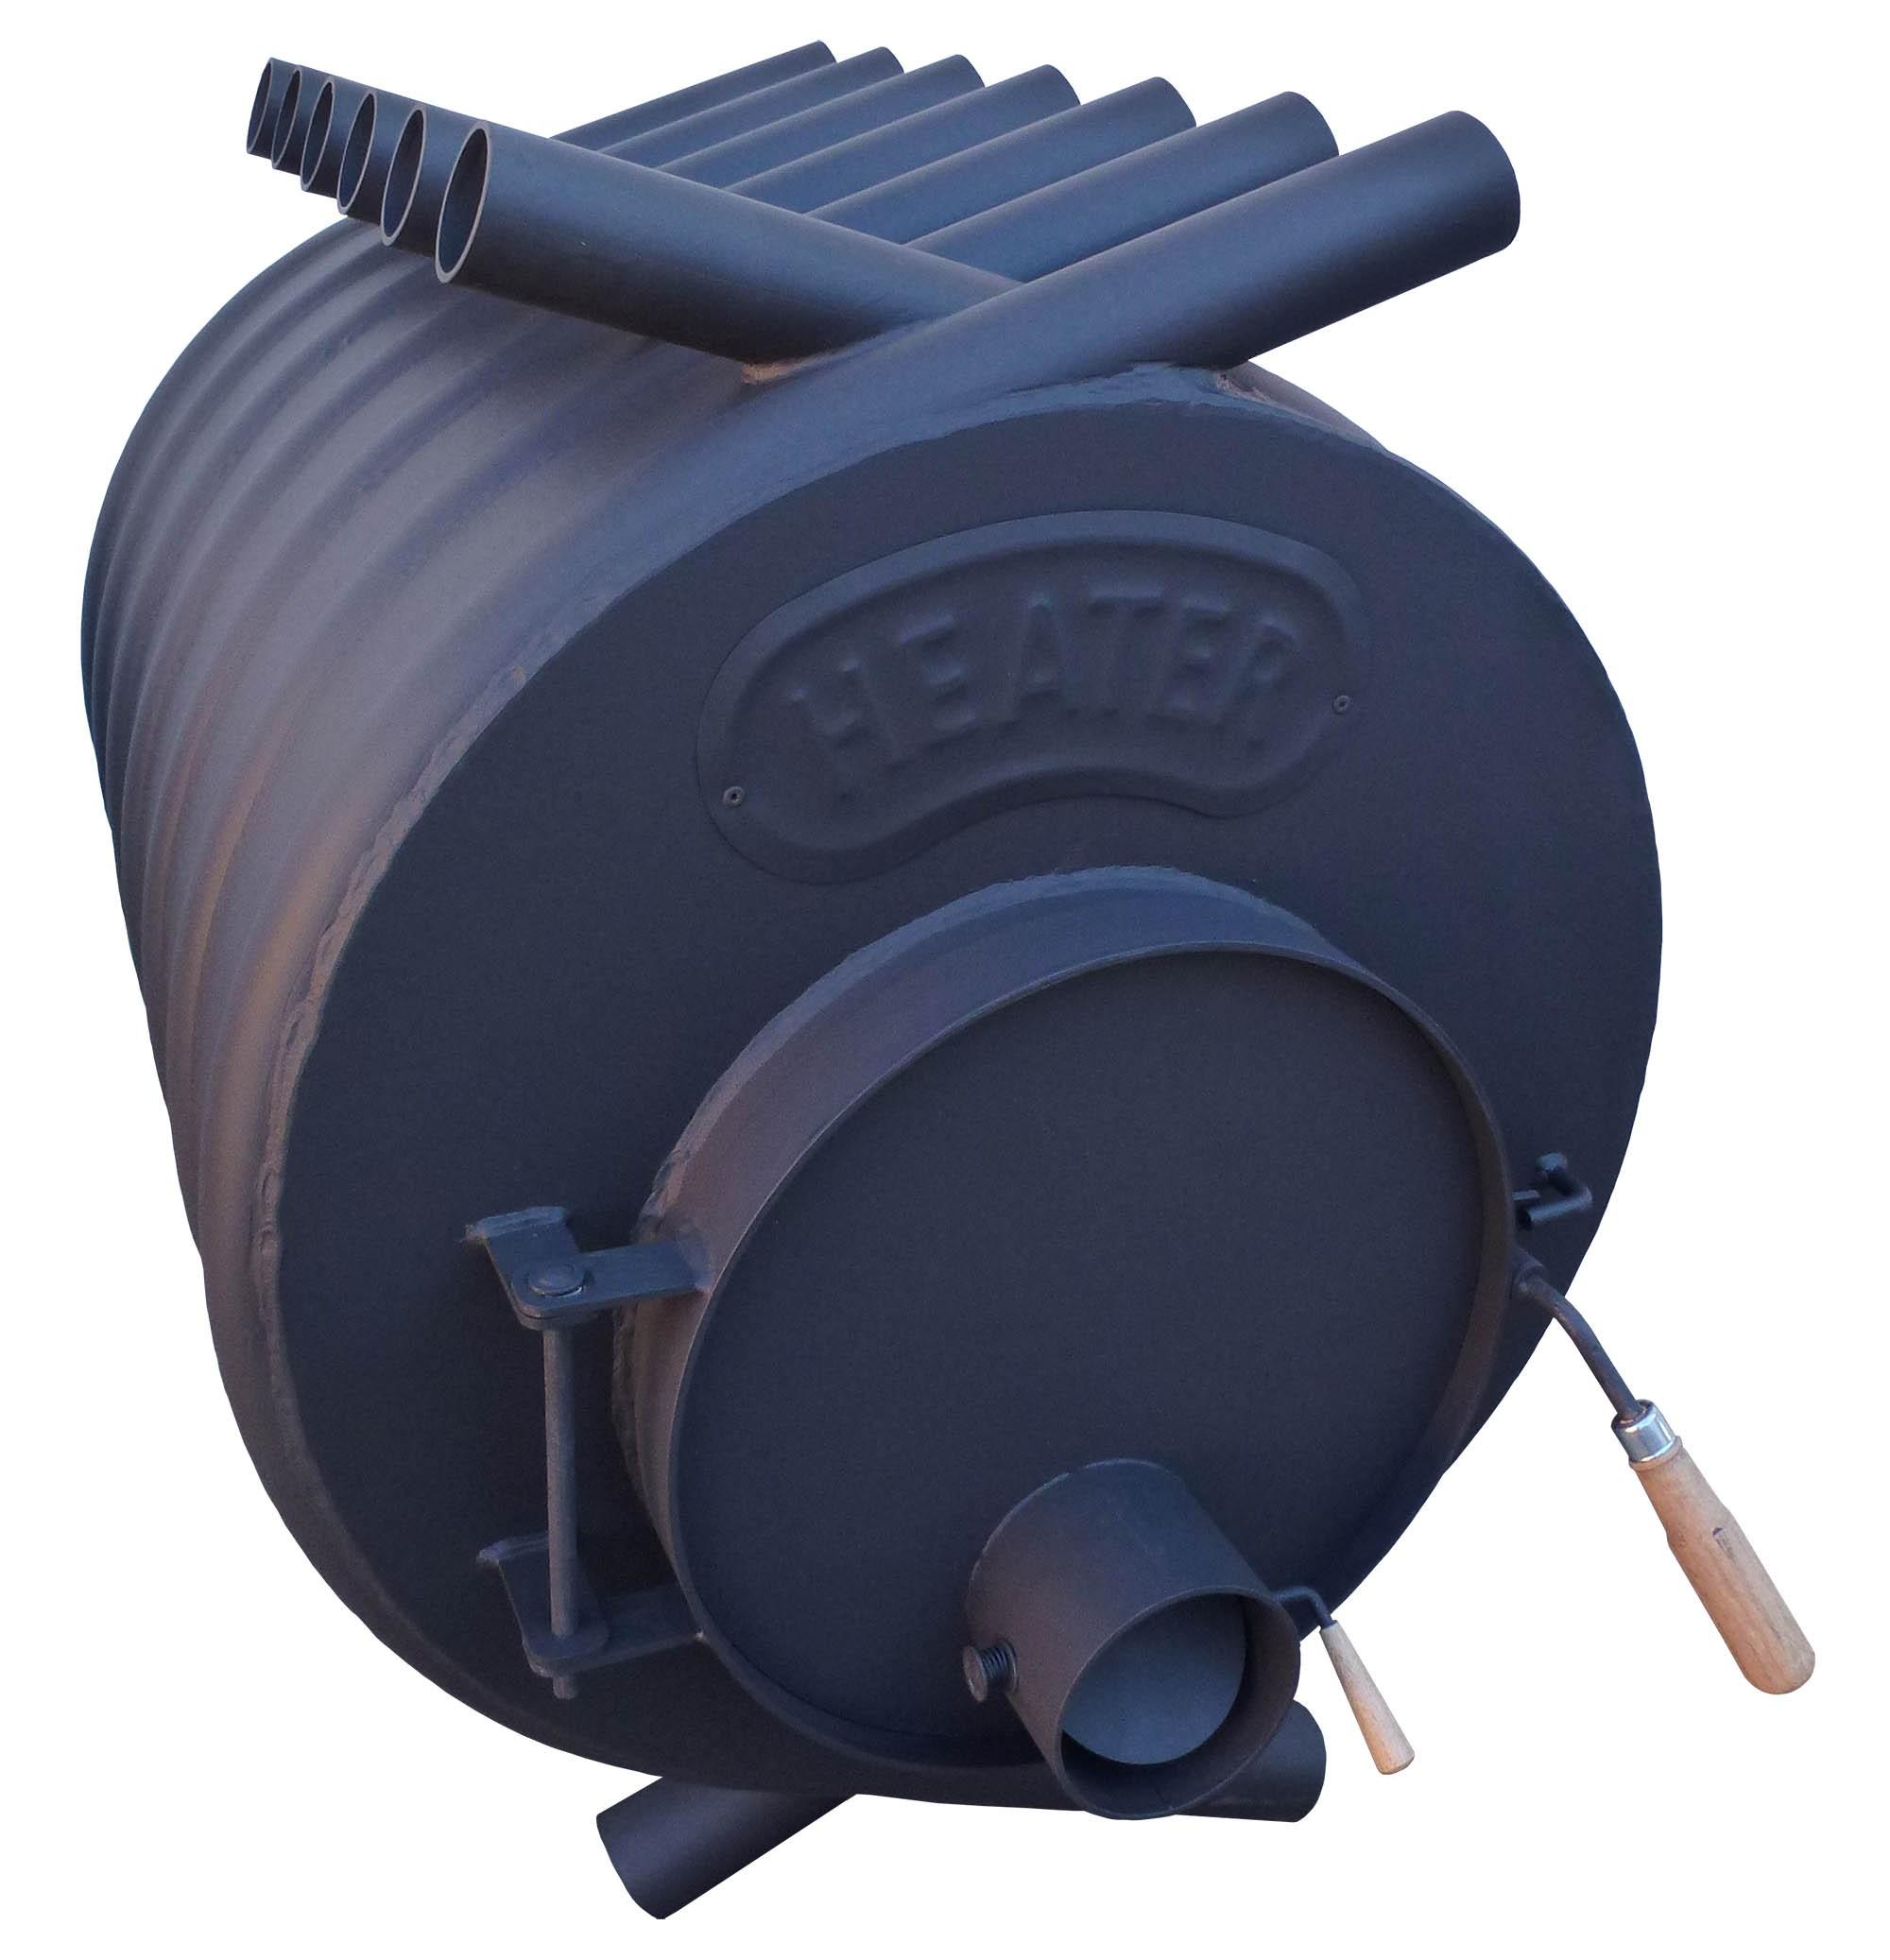 Teplovzdušná kamna na dřevo HEATER - 30 kW